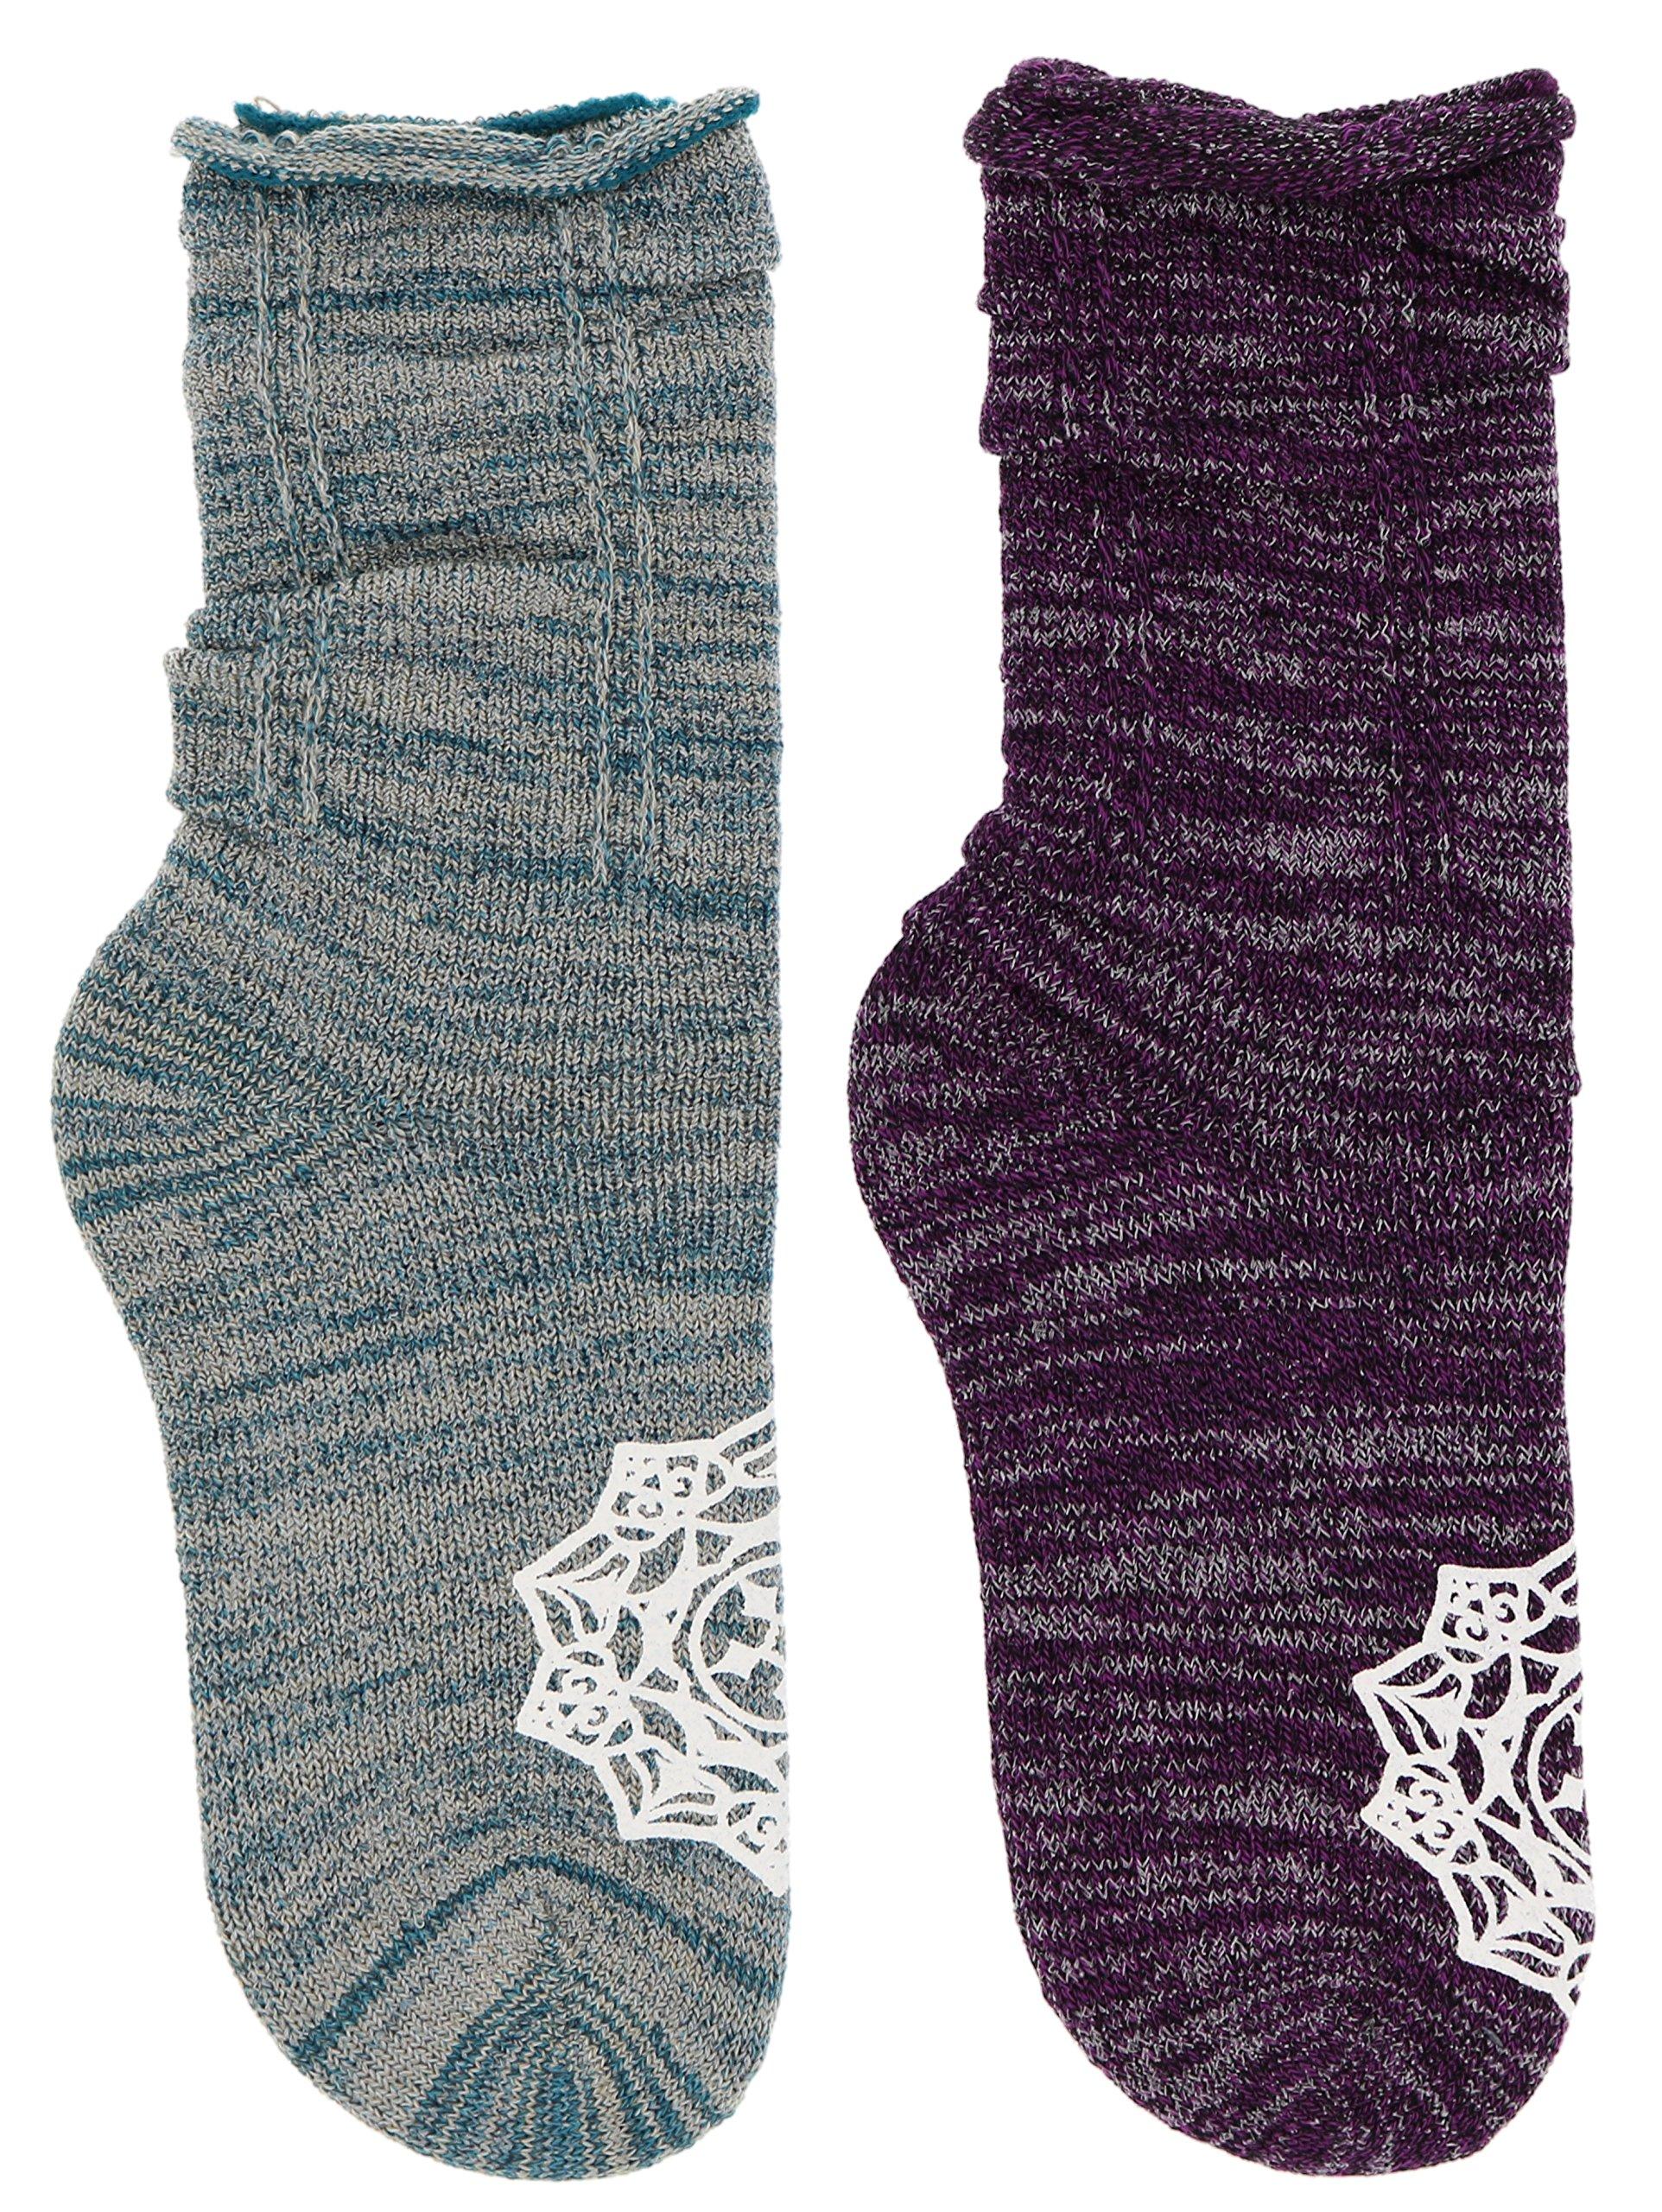 K. Bell Women's Roll Top Mandala Slouch Crew Socks (2 Pr), Purple & Teal